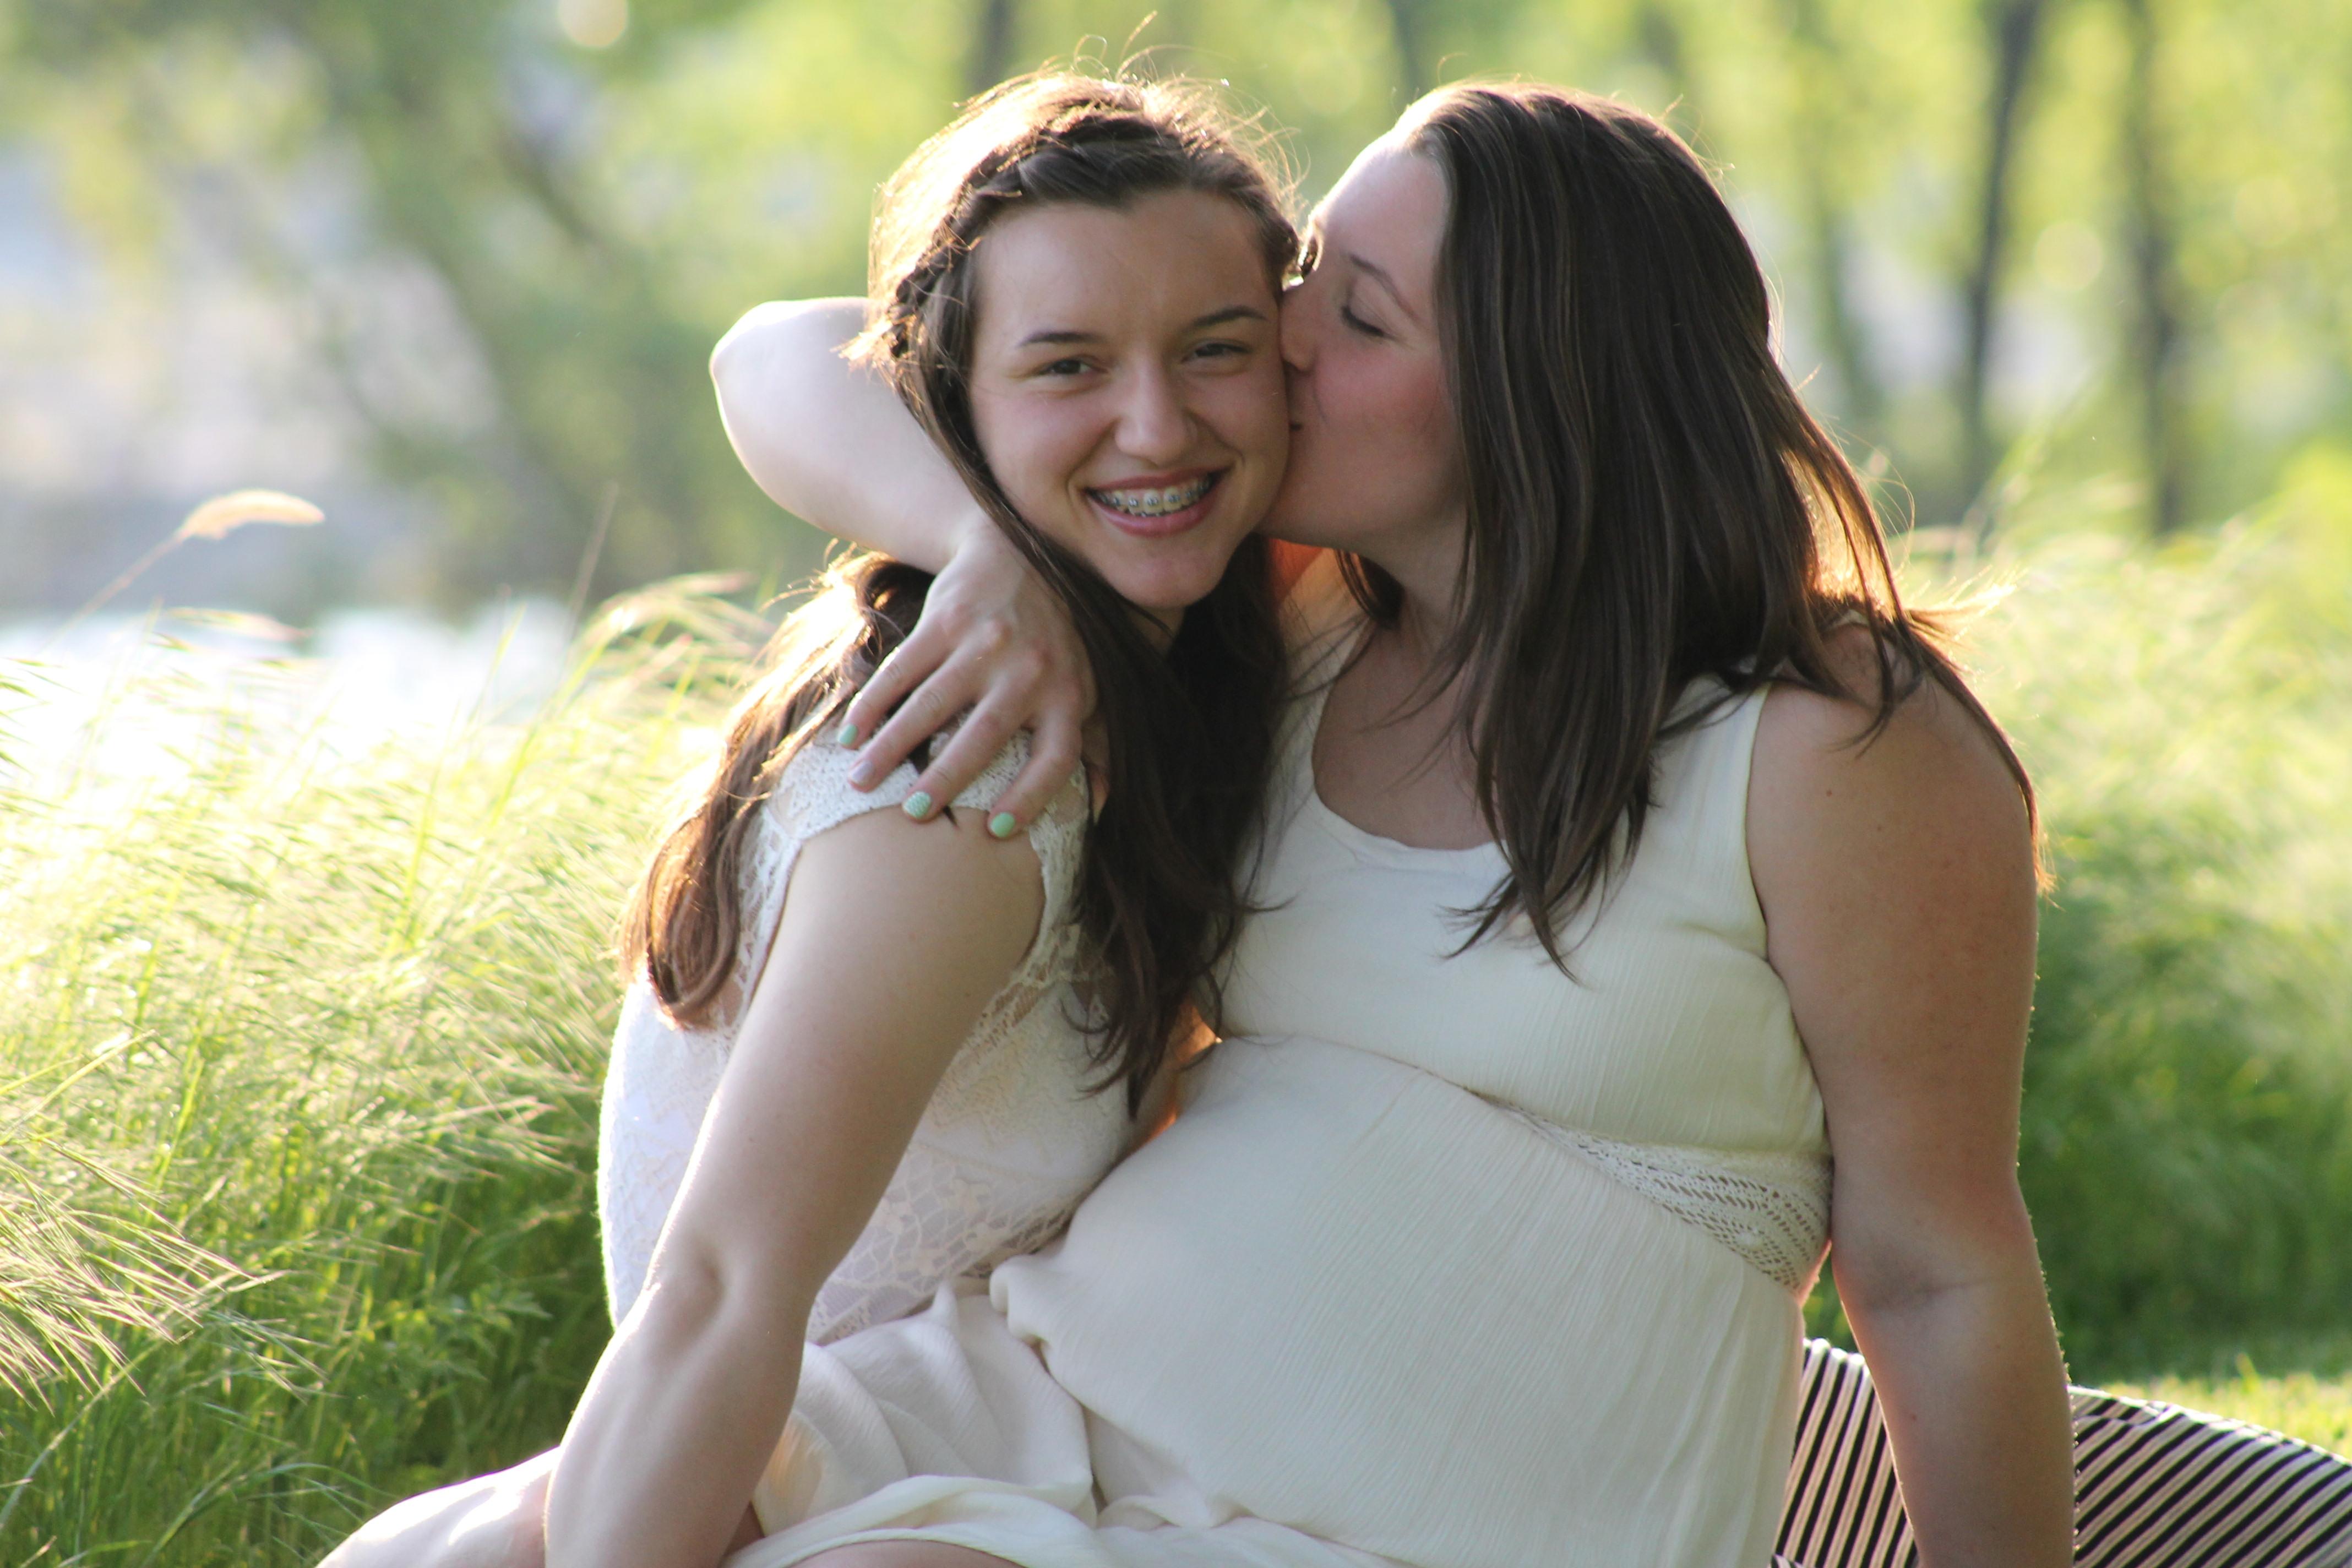 Sisters May 2015